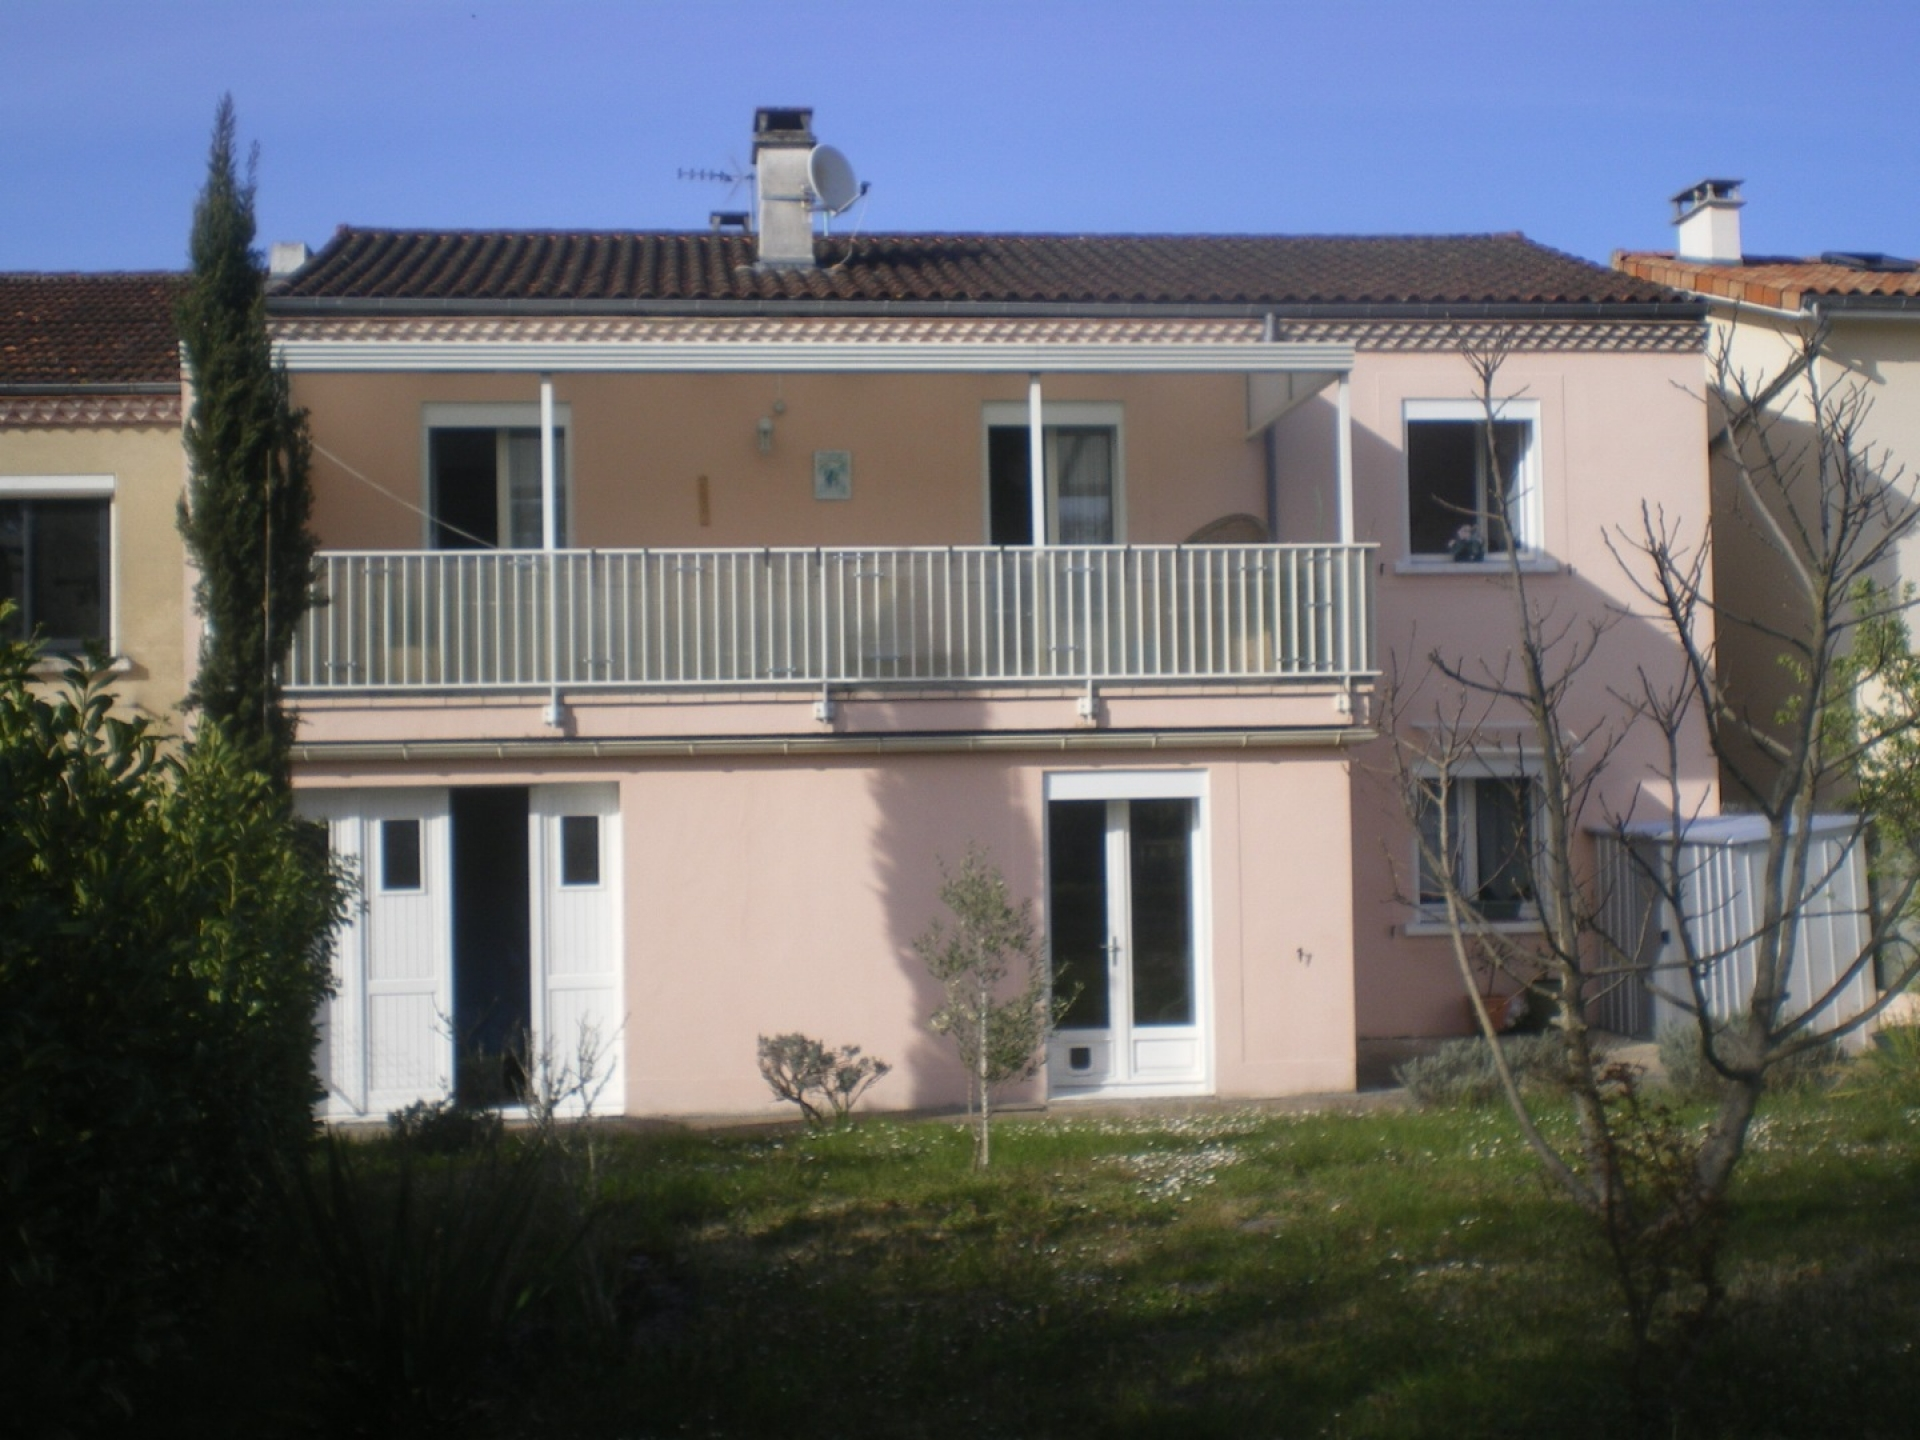 Maison de quartier à Boulazac